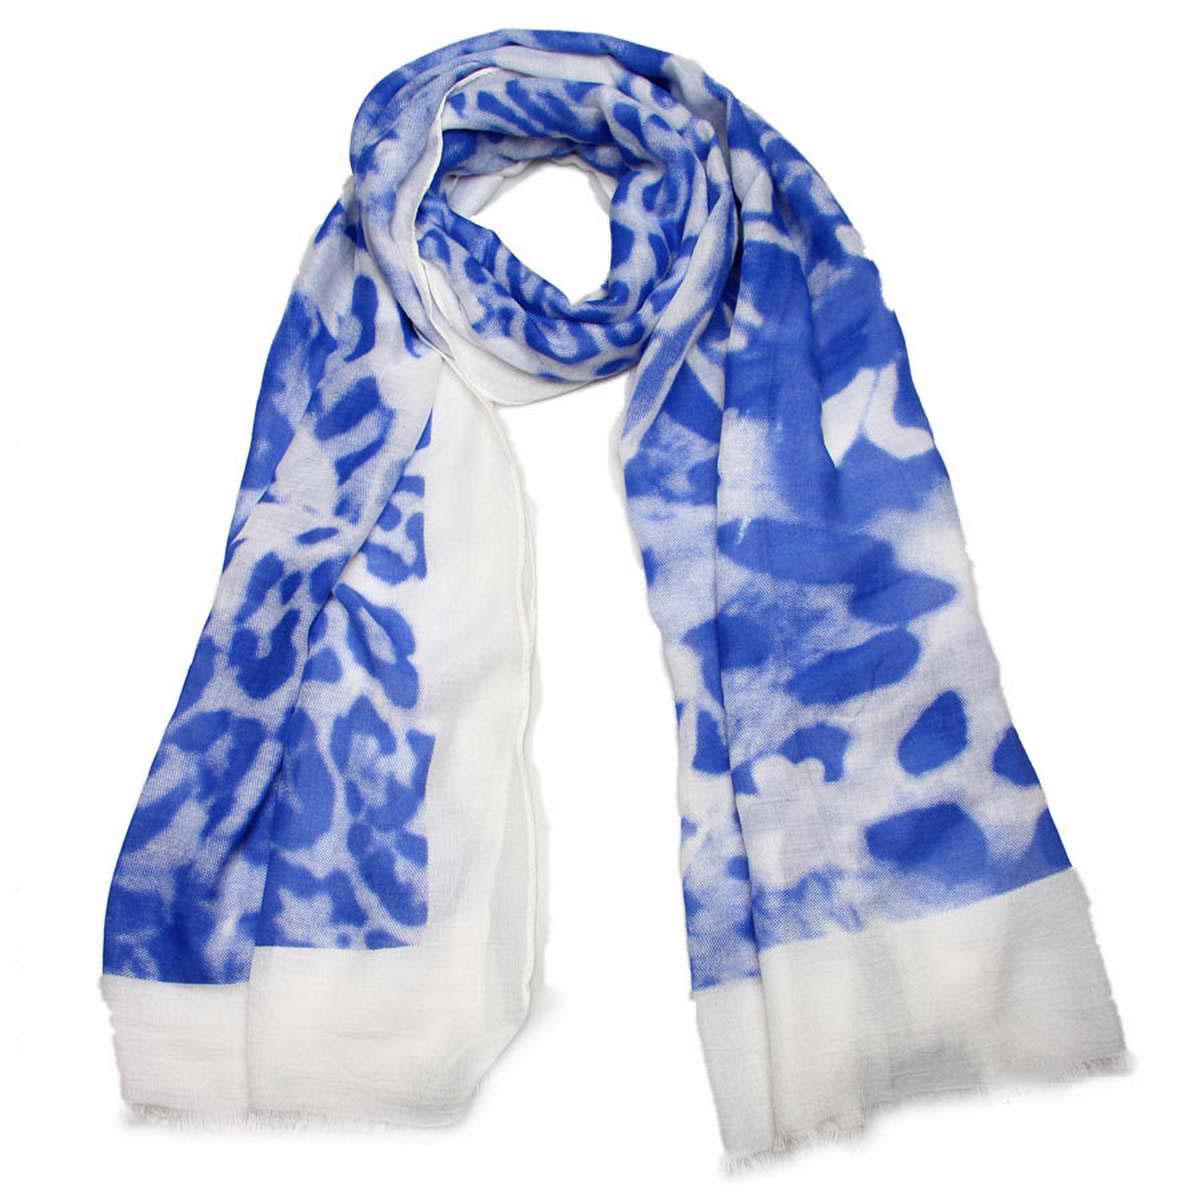 Палантин женский Venera, цвет: белый, синий. 3414601-2. Размер 90 см х 180 см3414601-2Элегантный женский палантин Venera изготовлен из вискозы. Палантин имеет отличное качество и приятную текстуру материала, он подарит настоящий комфорт при носке, а большие размеры позволят согреться в прохладную погоду.Изделие оформлено актуальным звериным принтом и небольшой бахромой по краям.Этот модный аксессуар женского гардероба гармонично дополнит образ современной женщины, следящей за своим имиджем и стремящейся всегда оставаться стильной. В этом палантине вы всегда будете выглядеть женственной и привлекательной.